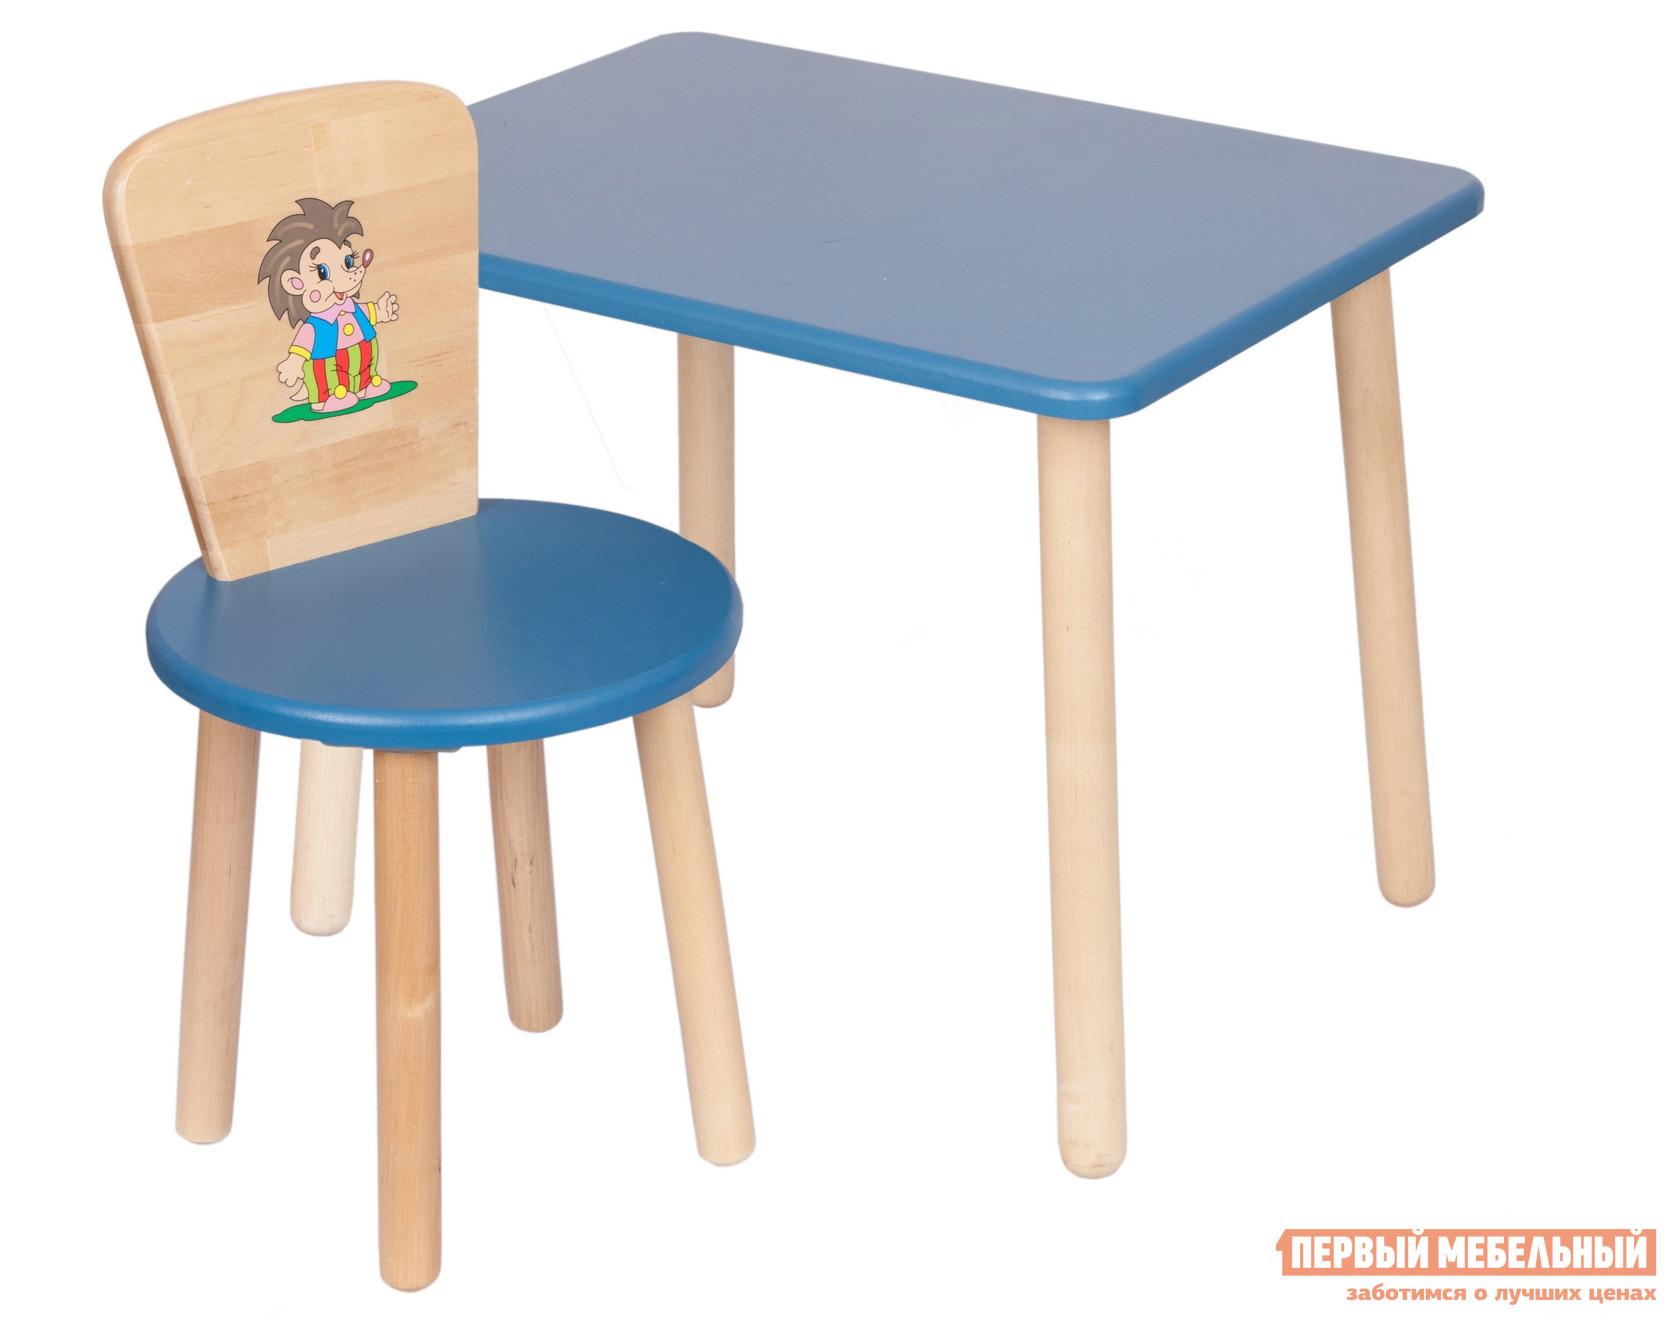 Столик и стульчик РусЭкоМебель Набор №1: Стол Большой 70*50 ЭКО+Стул Круглый ЭКО Эко синий, рис. Ежик